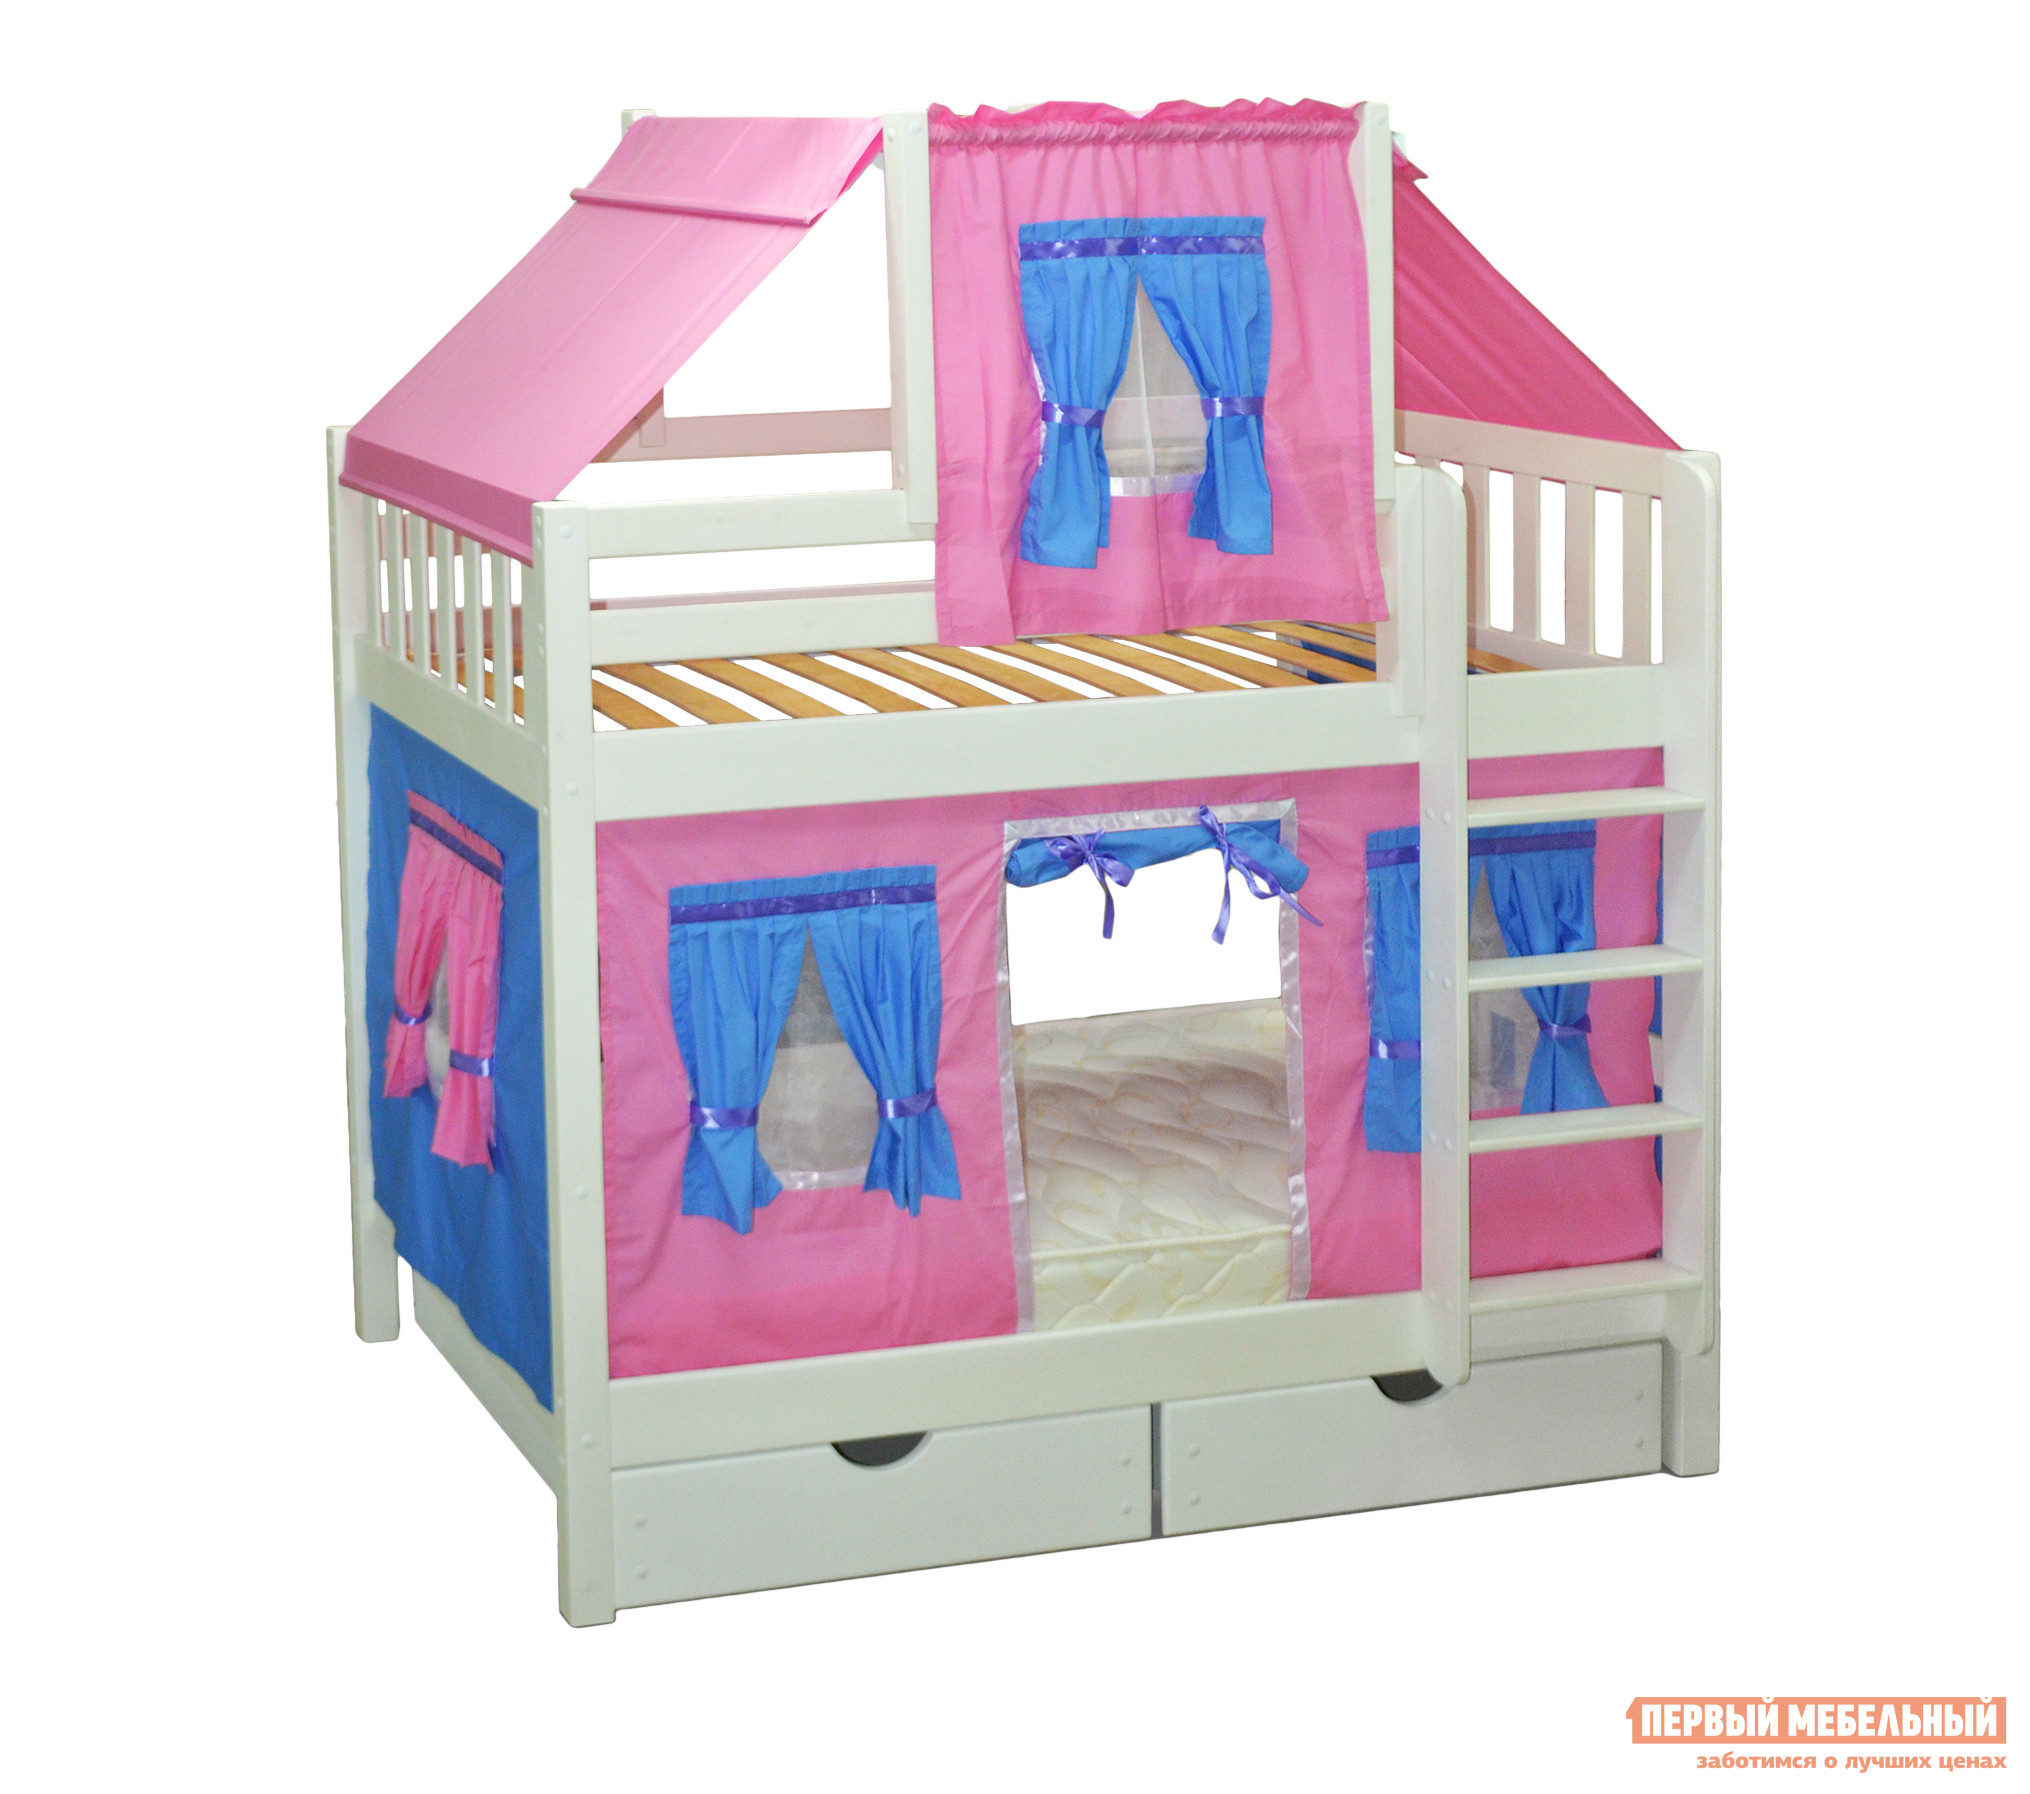 Двухъярусная кровать-домик для детей Мебель-Холдинг Скворушка